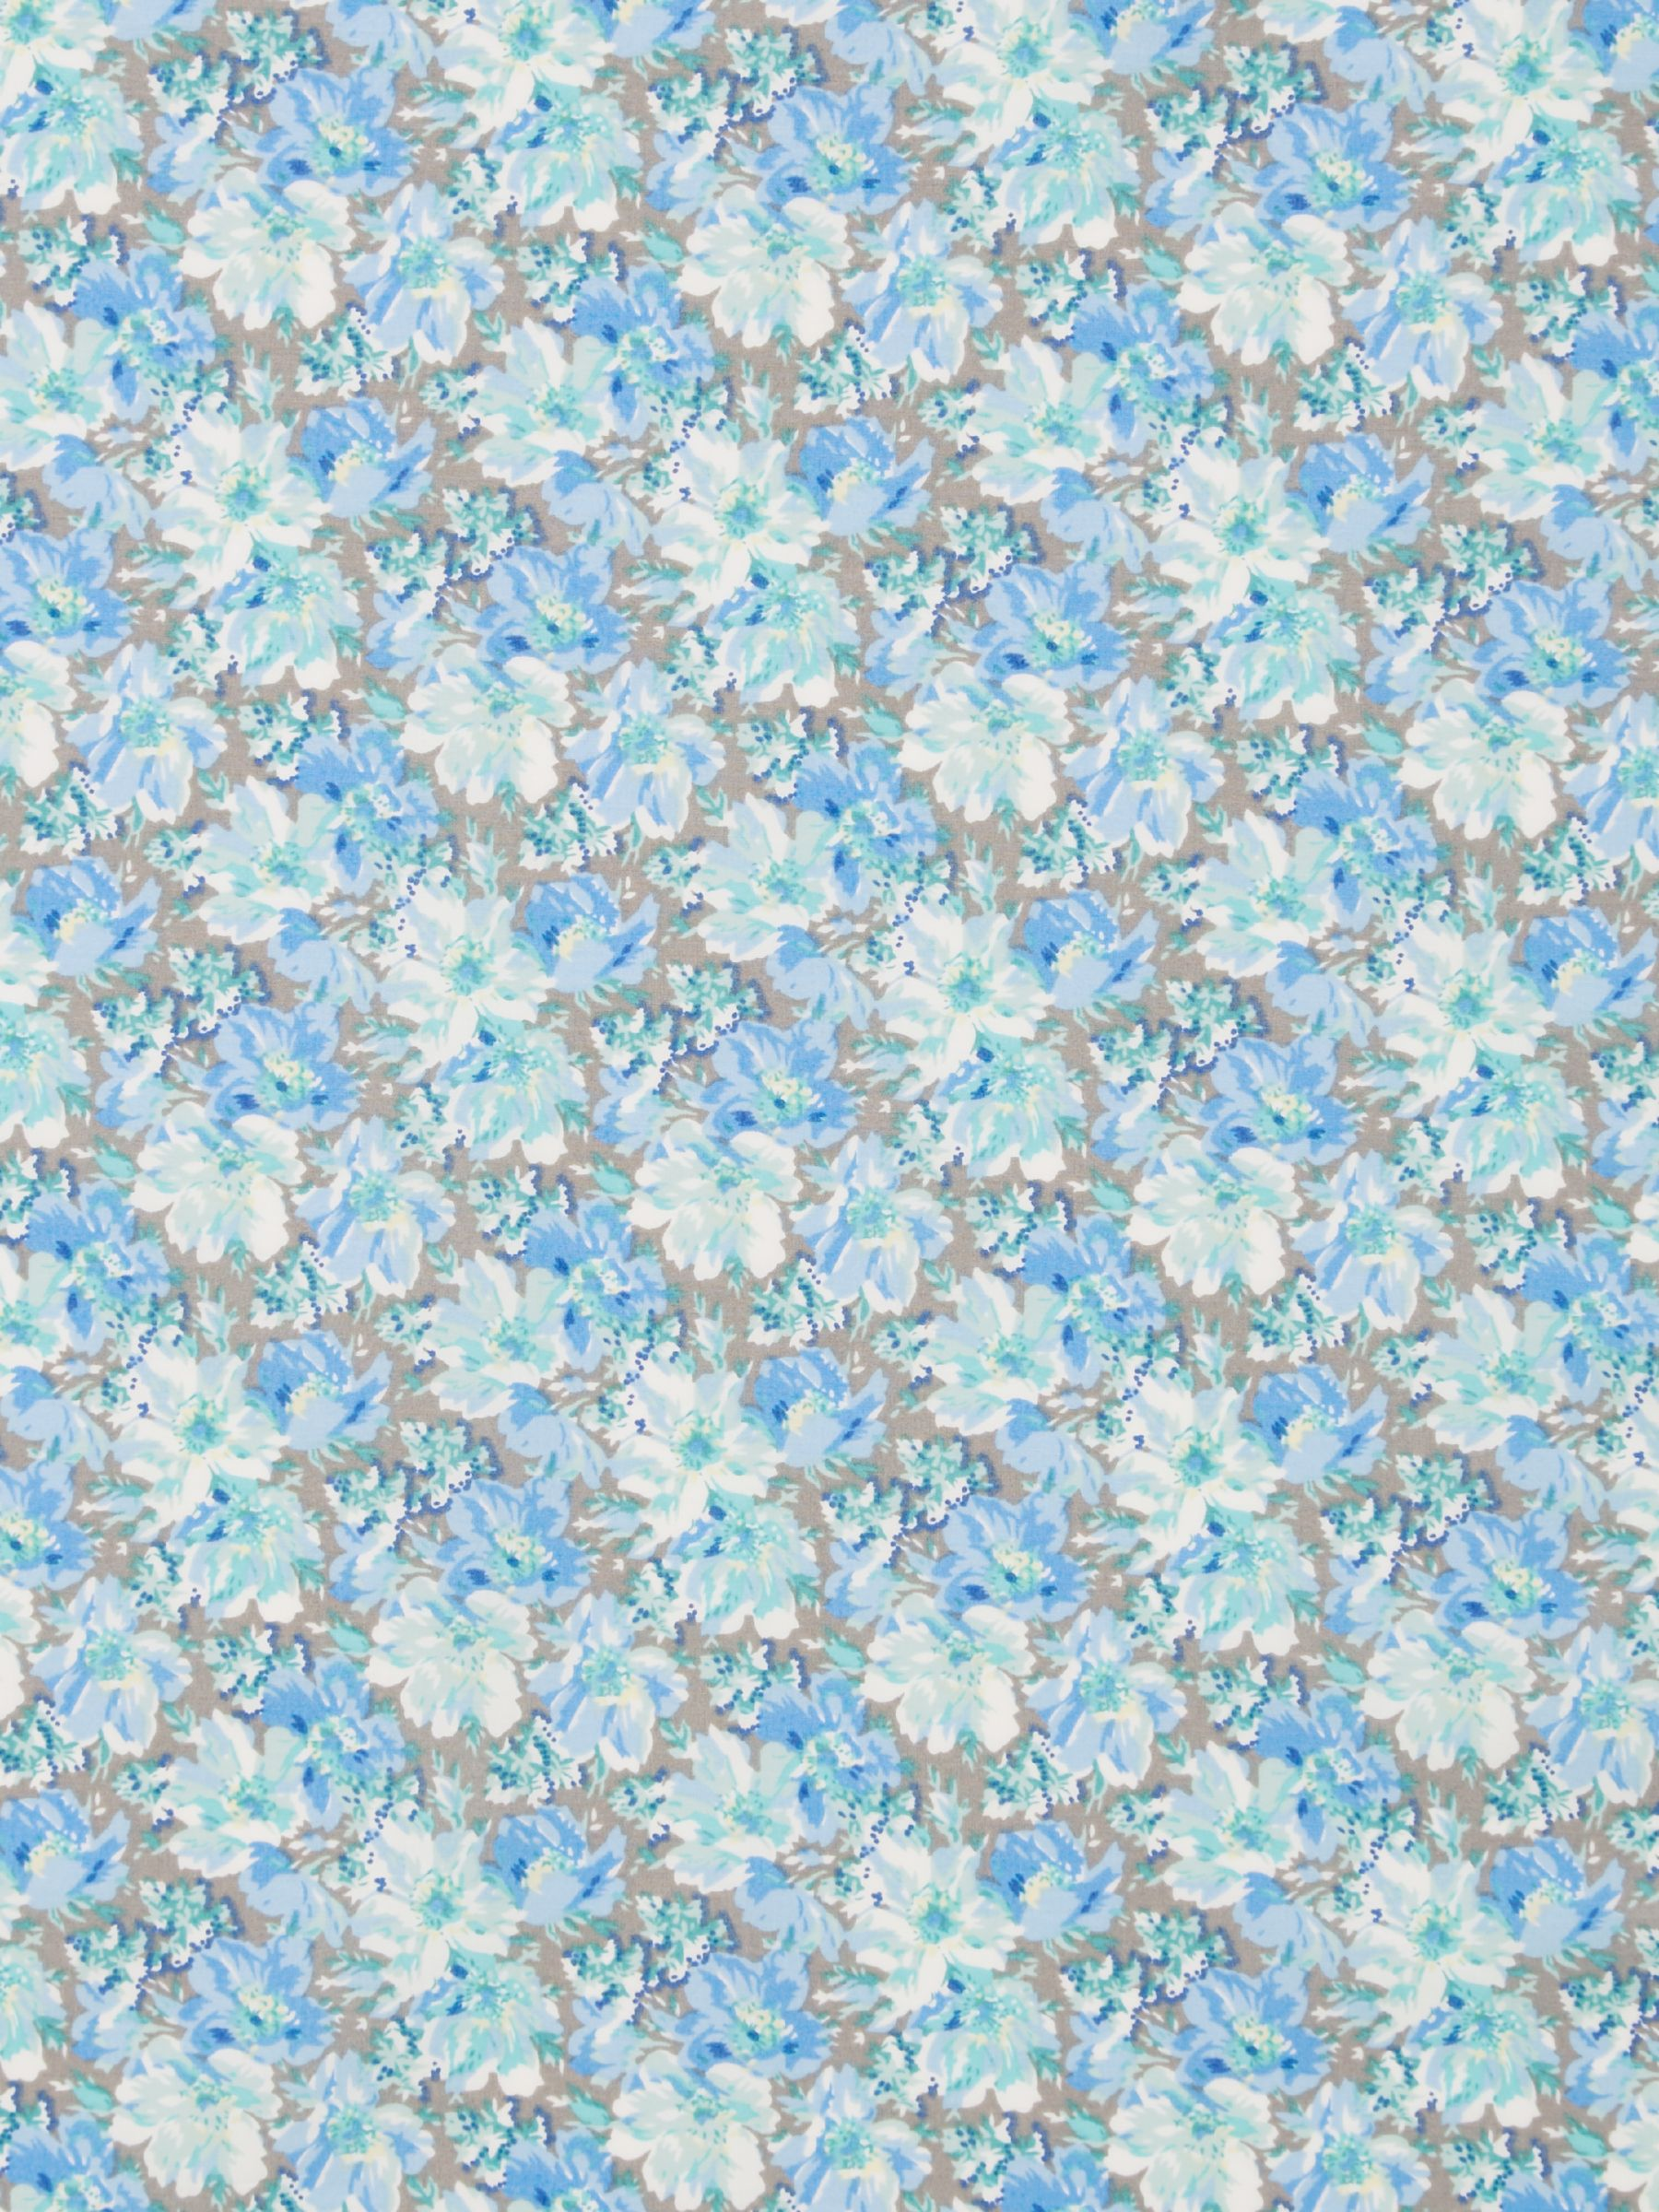 Viyella Viyella Mixed Floral Print Fabric, Blue